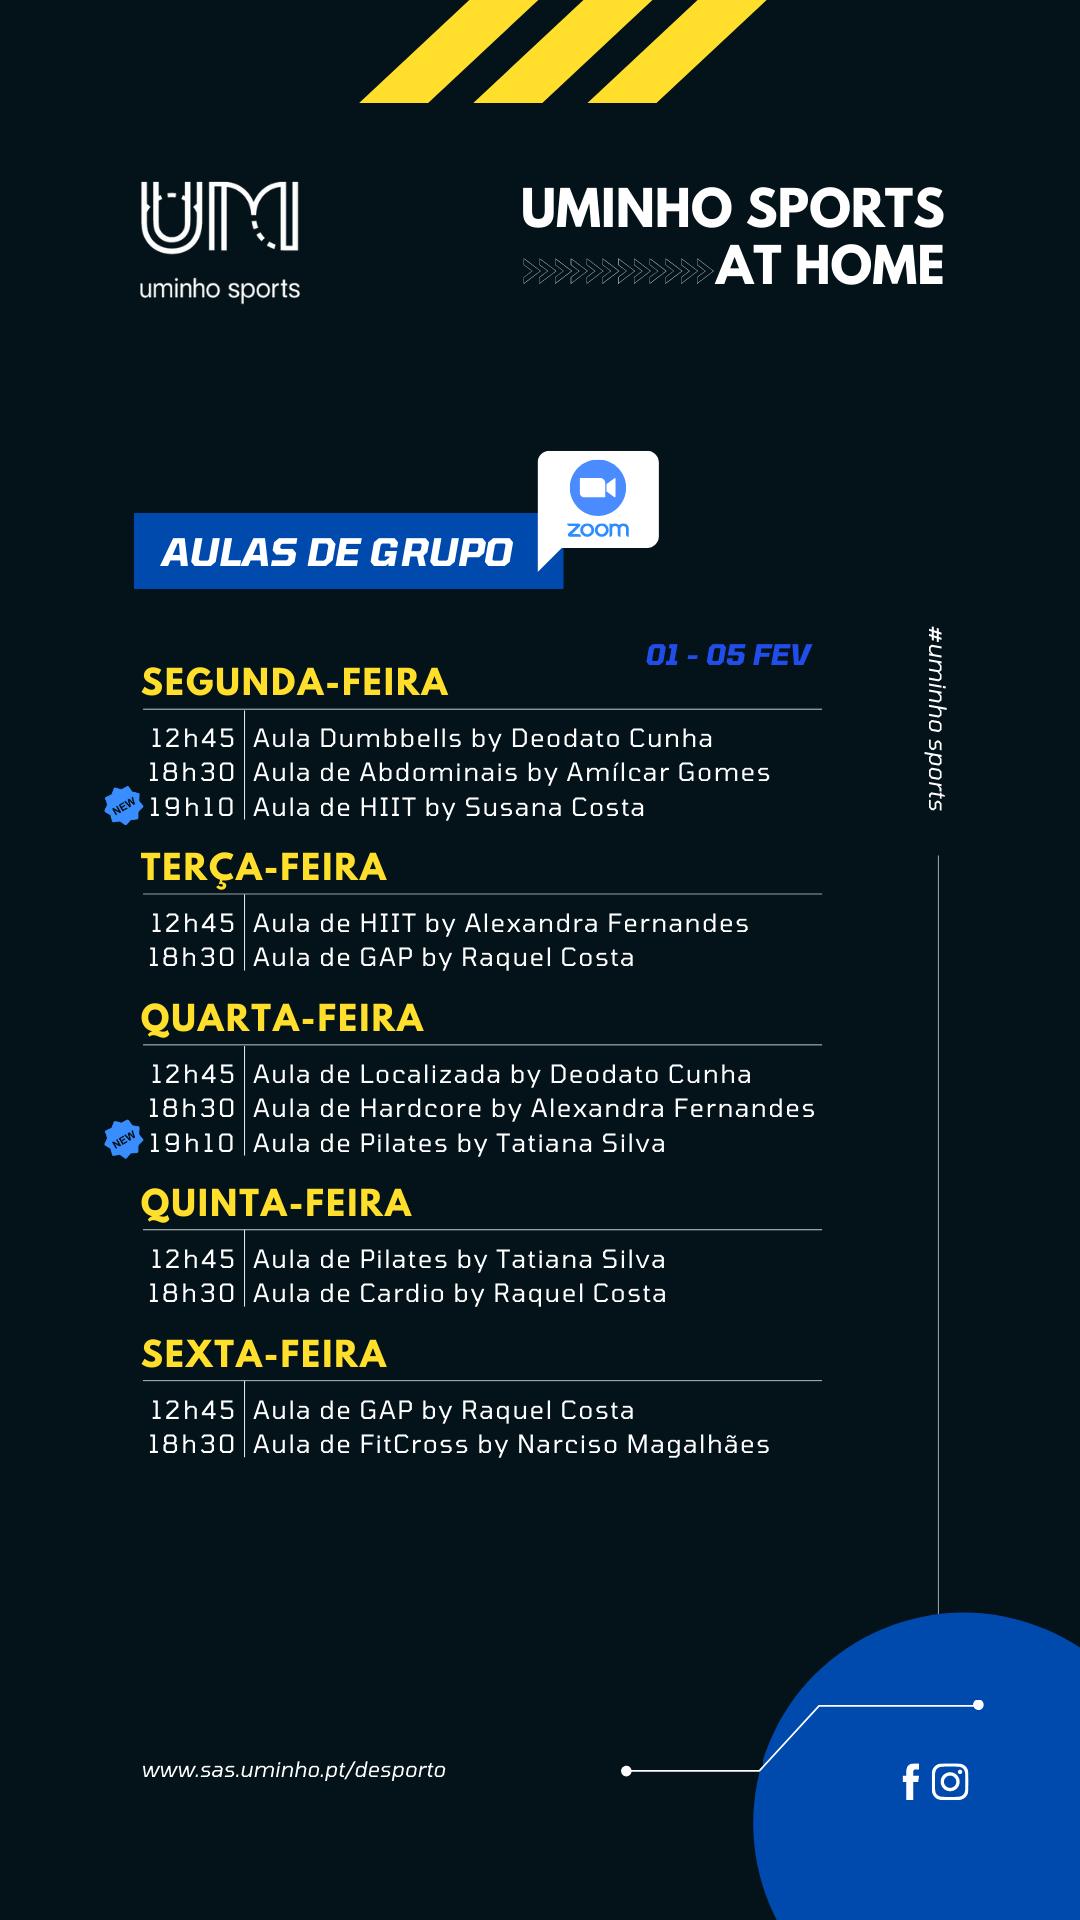 Agenda - 01 a 05 de fevereiro (grupos)